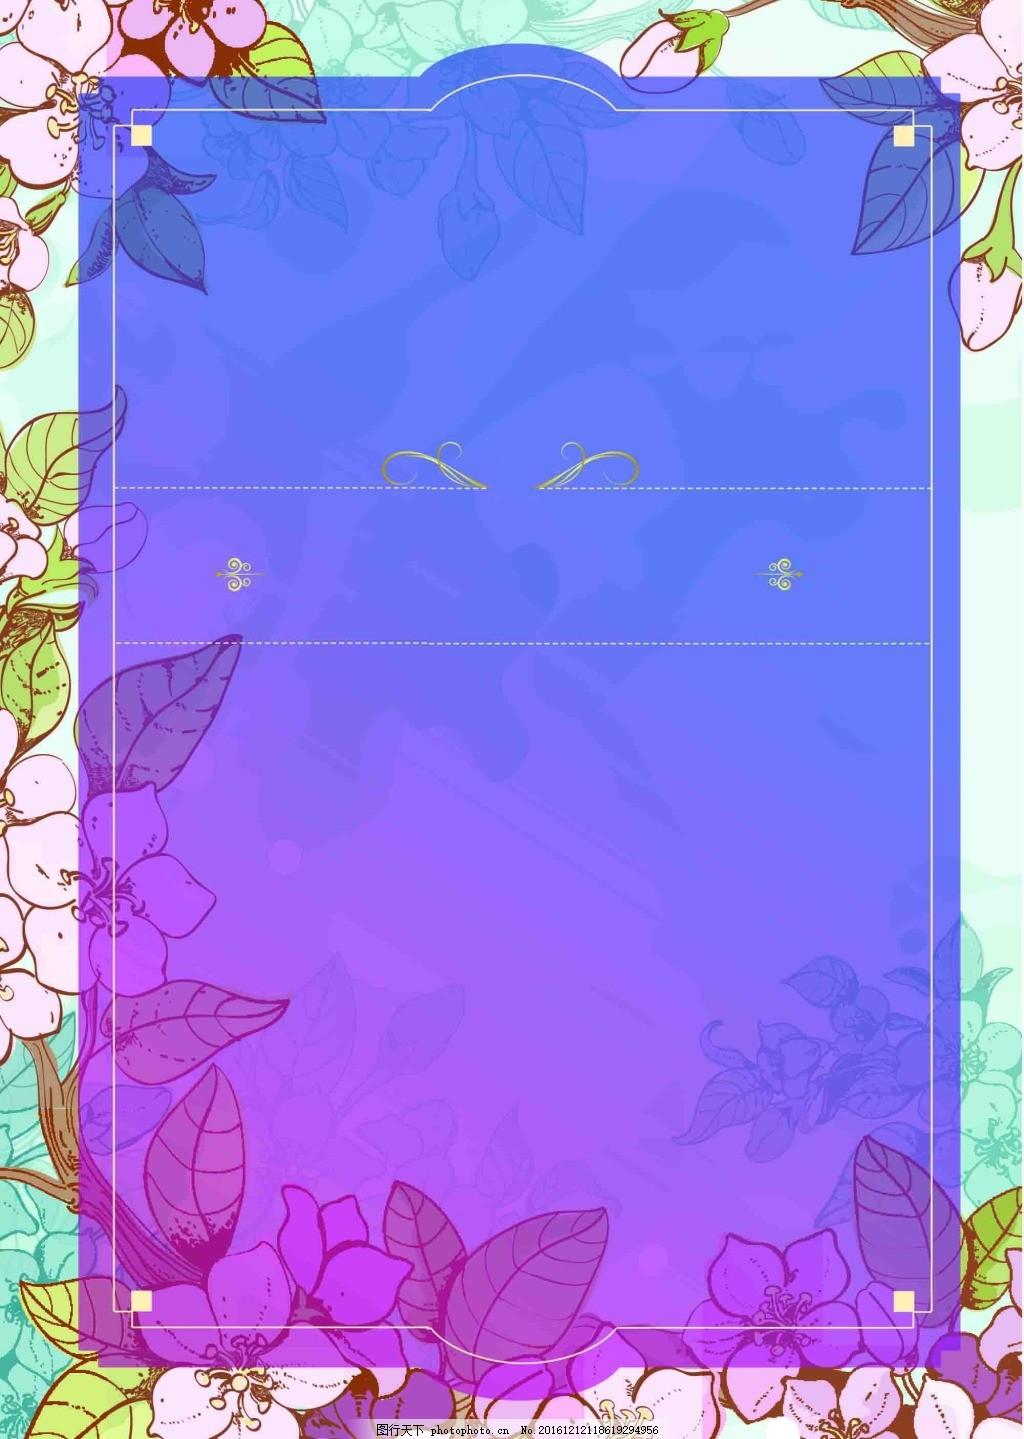 文艺浪漫婚庆海报背景 小清新 手绘花朵 简约 质感